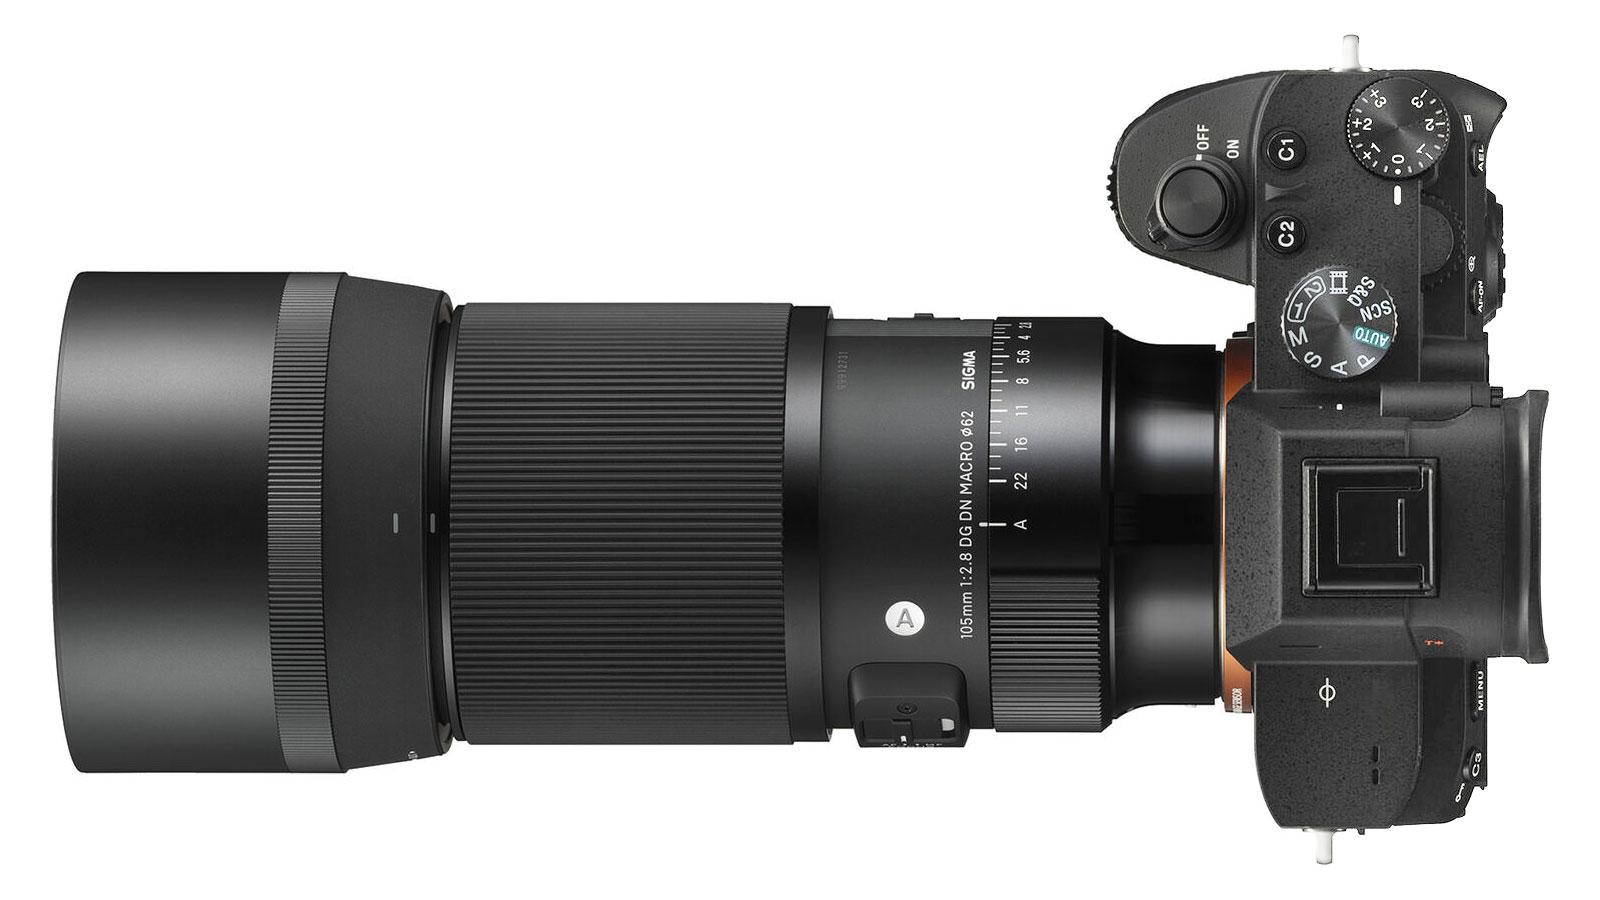 Sigma 105mm f/2.8 DG DN Macro Art Fullframe E-mount Lens